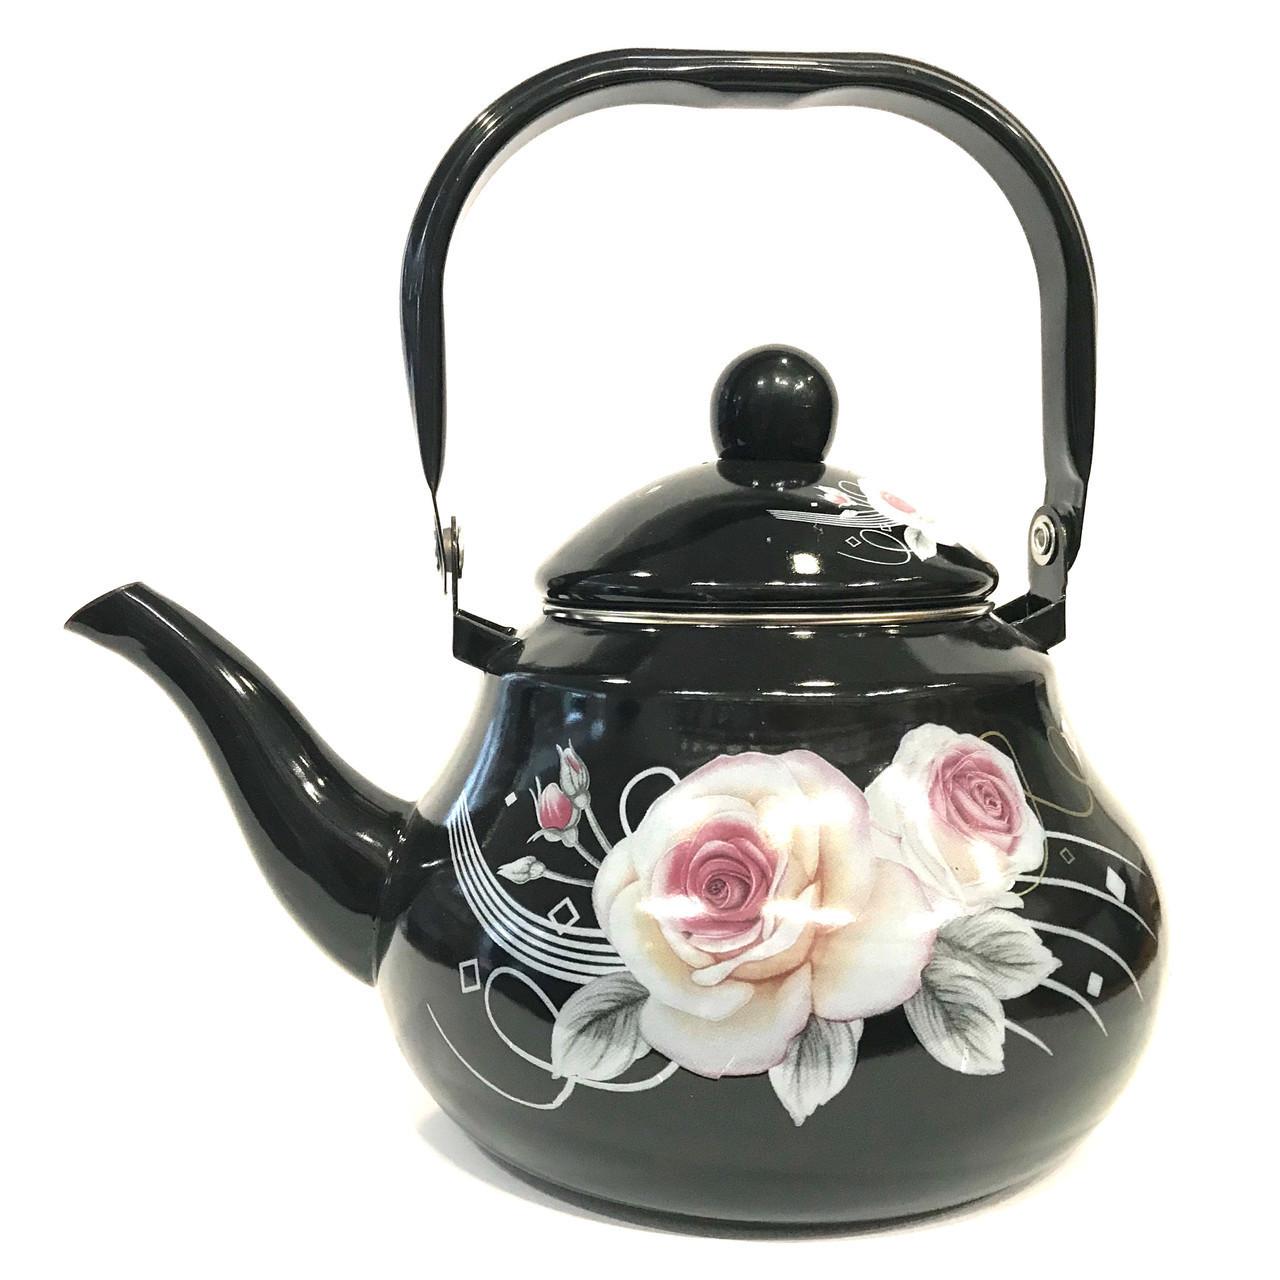 Эмалированный чайник с подвижной ручкой Benson BN-102 черный с рисунком (2 л)